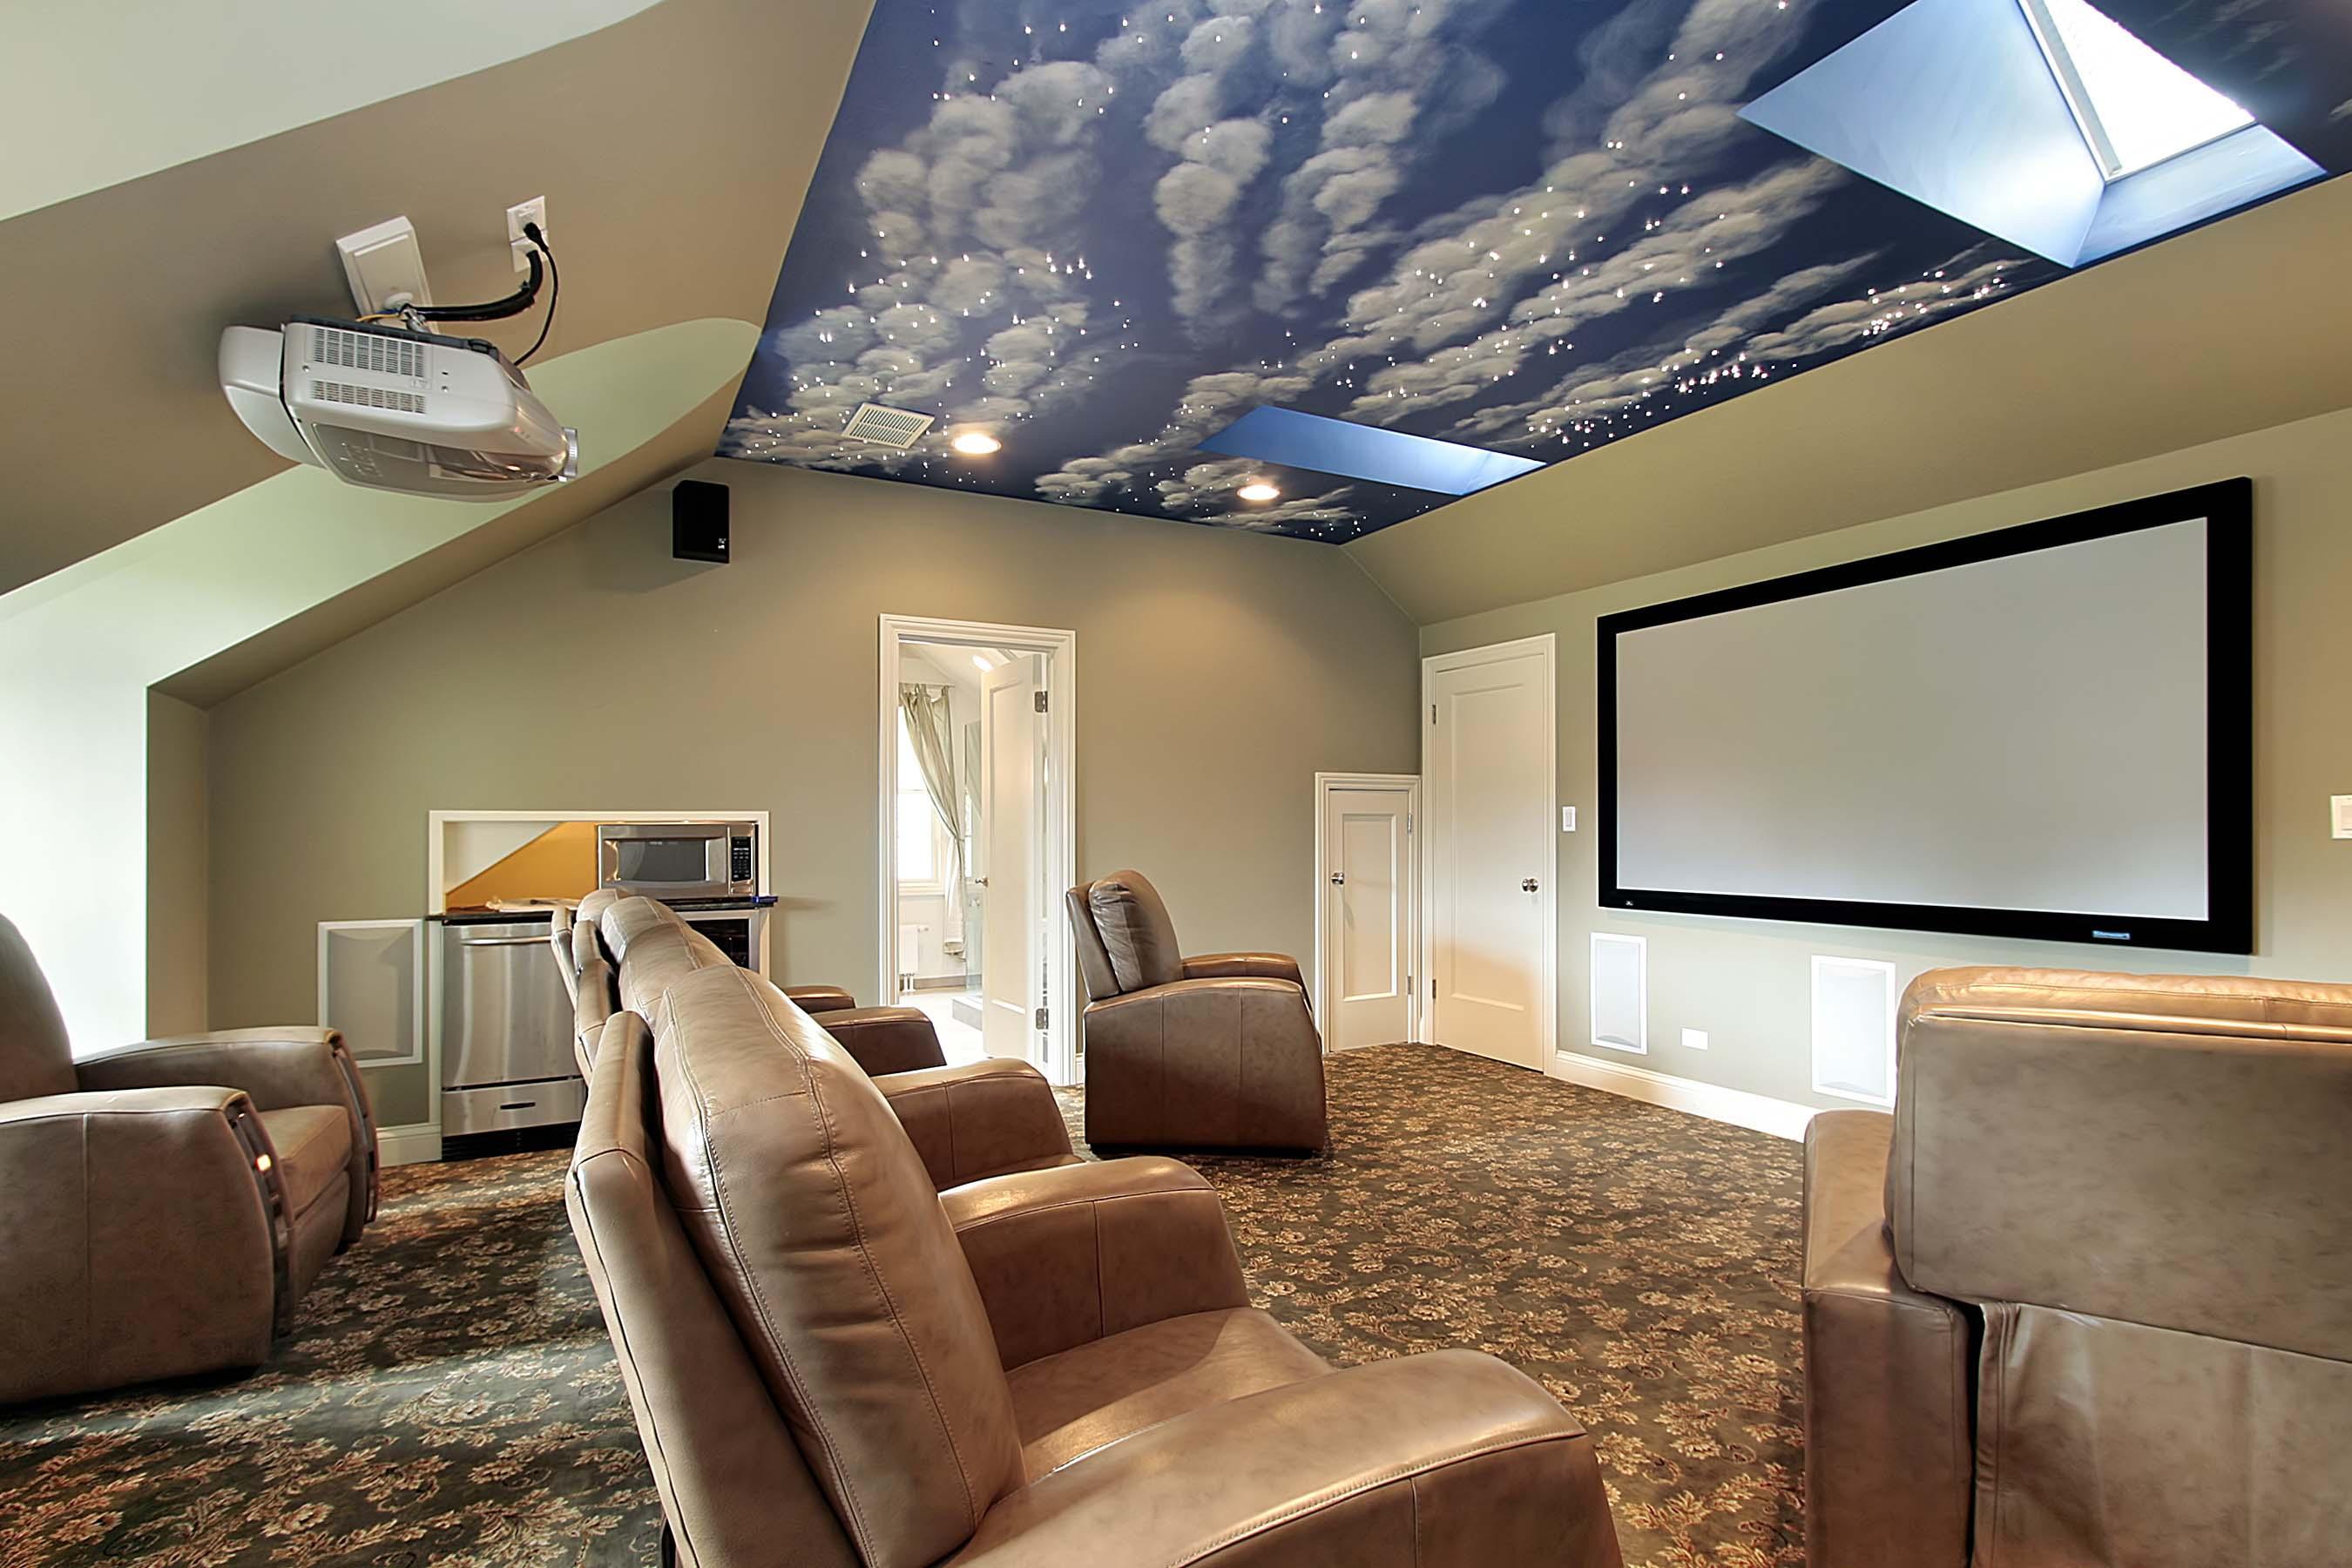 projector gallery master av services boardroom projector installation